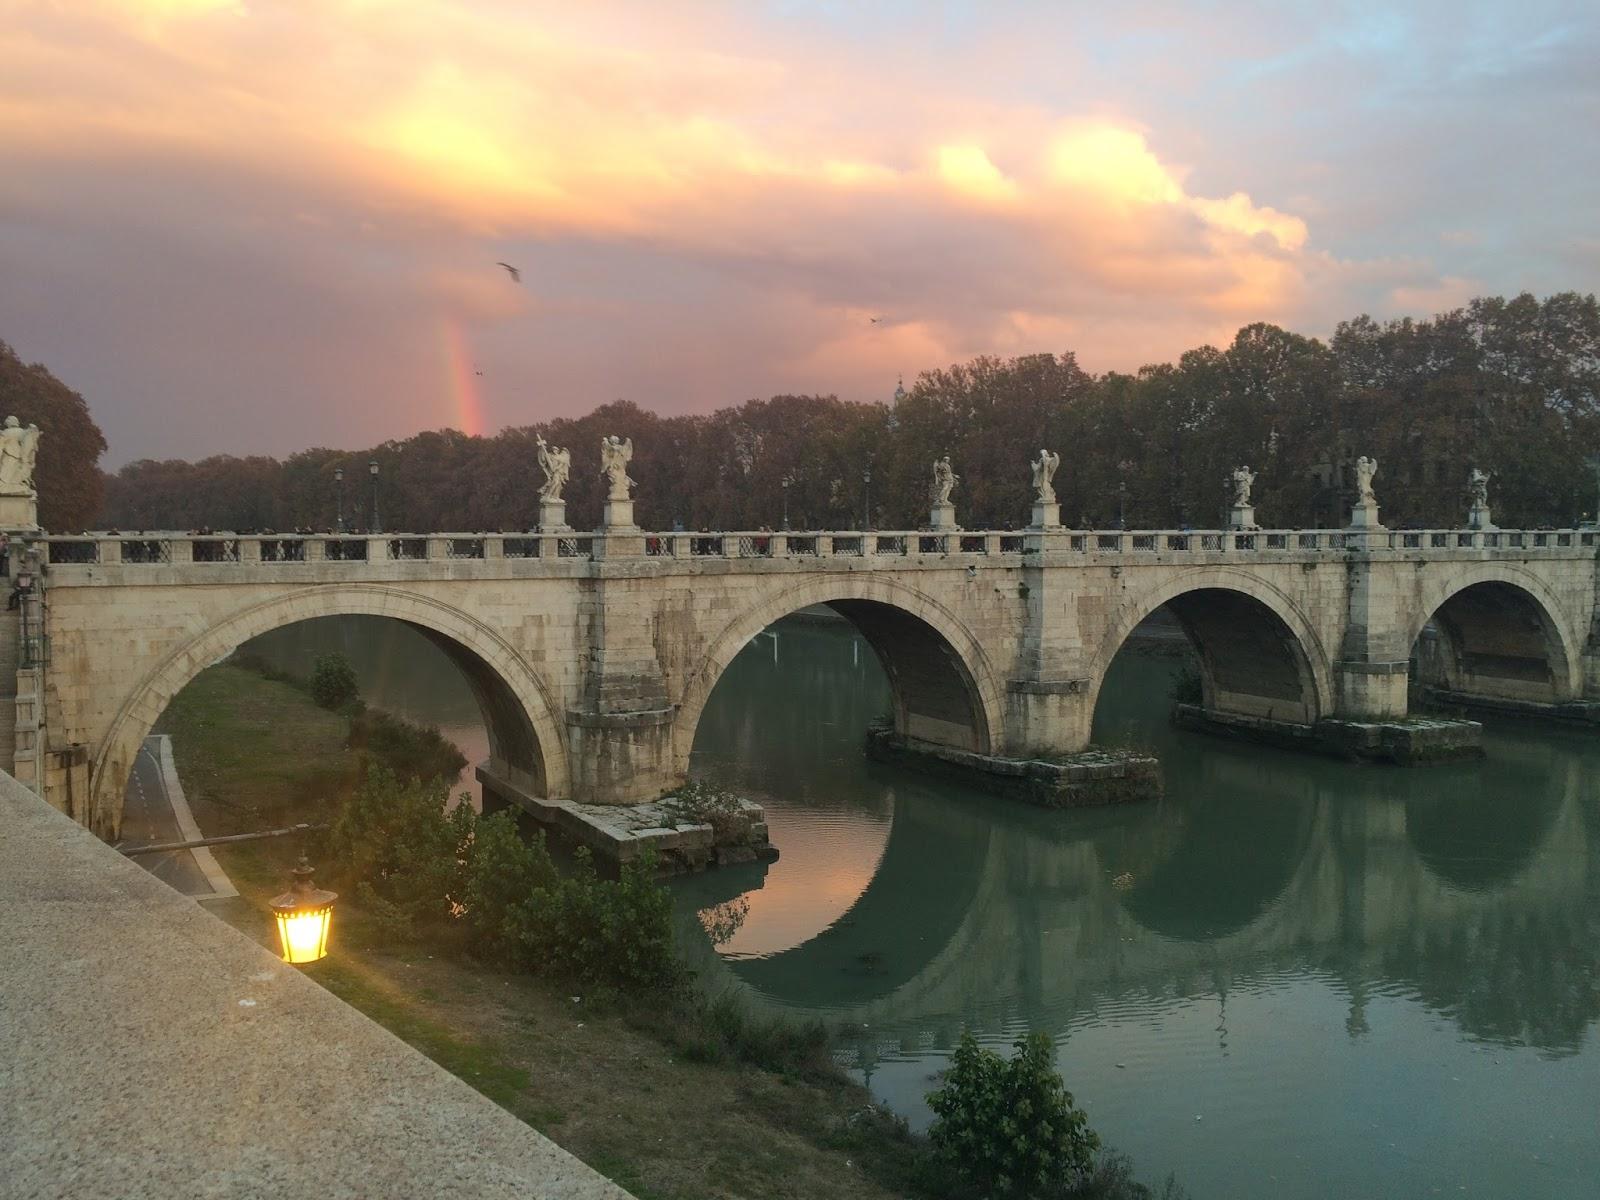 Bridge in Rome at sunset